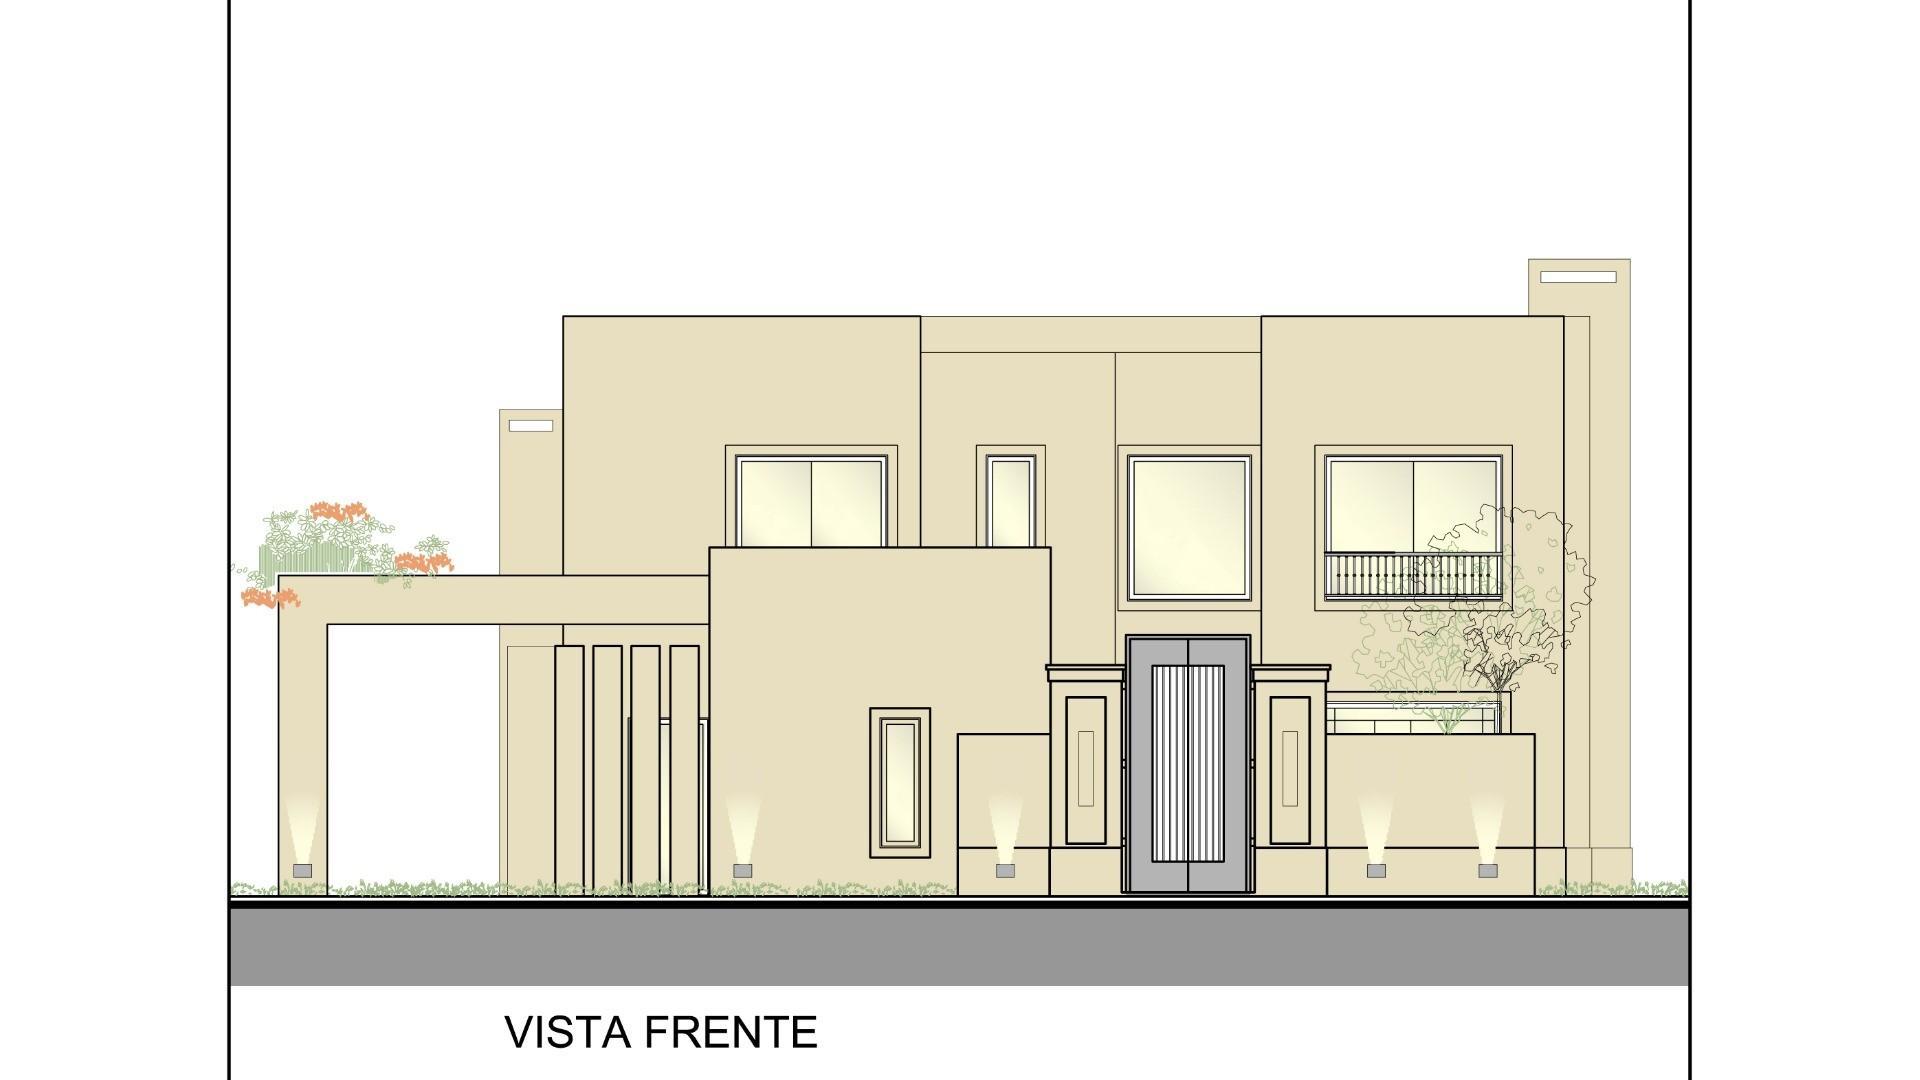 Venta Casa cuatro dormitorios en Barrio del Golf, Nordelta, Tigre